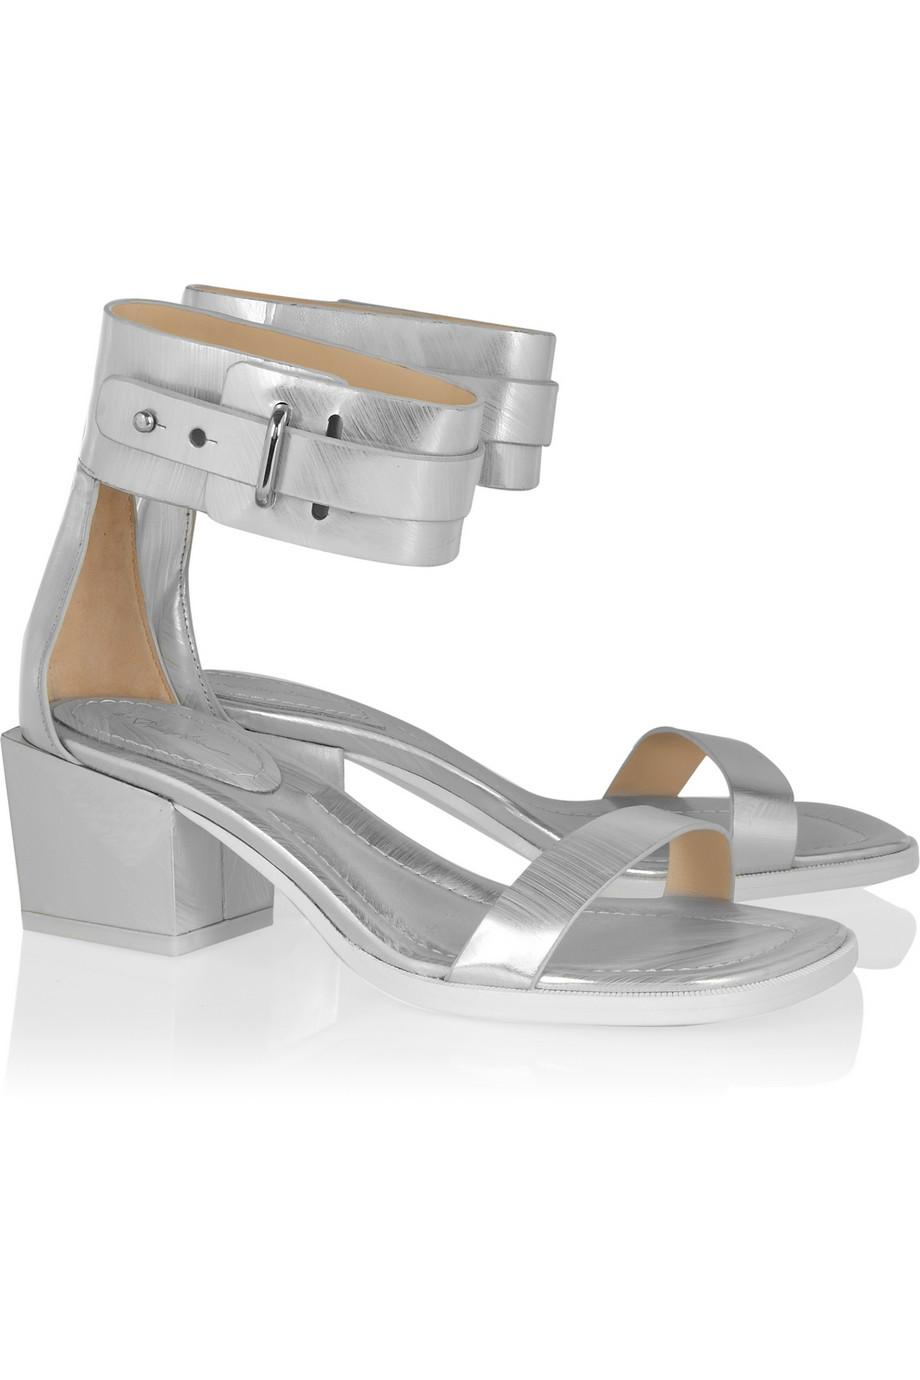 3.1 Phillip Lim coco metallic-leather sandals